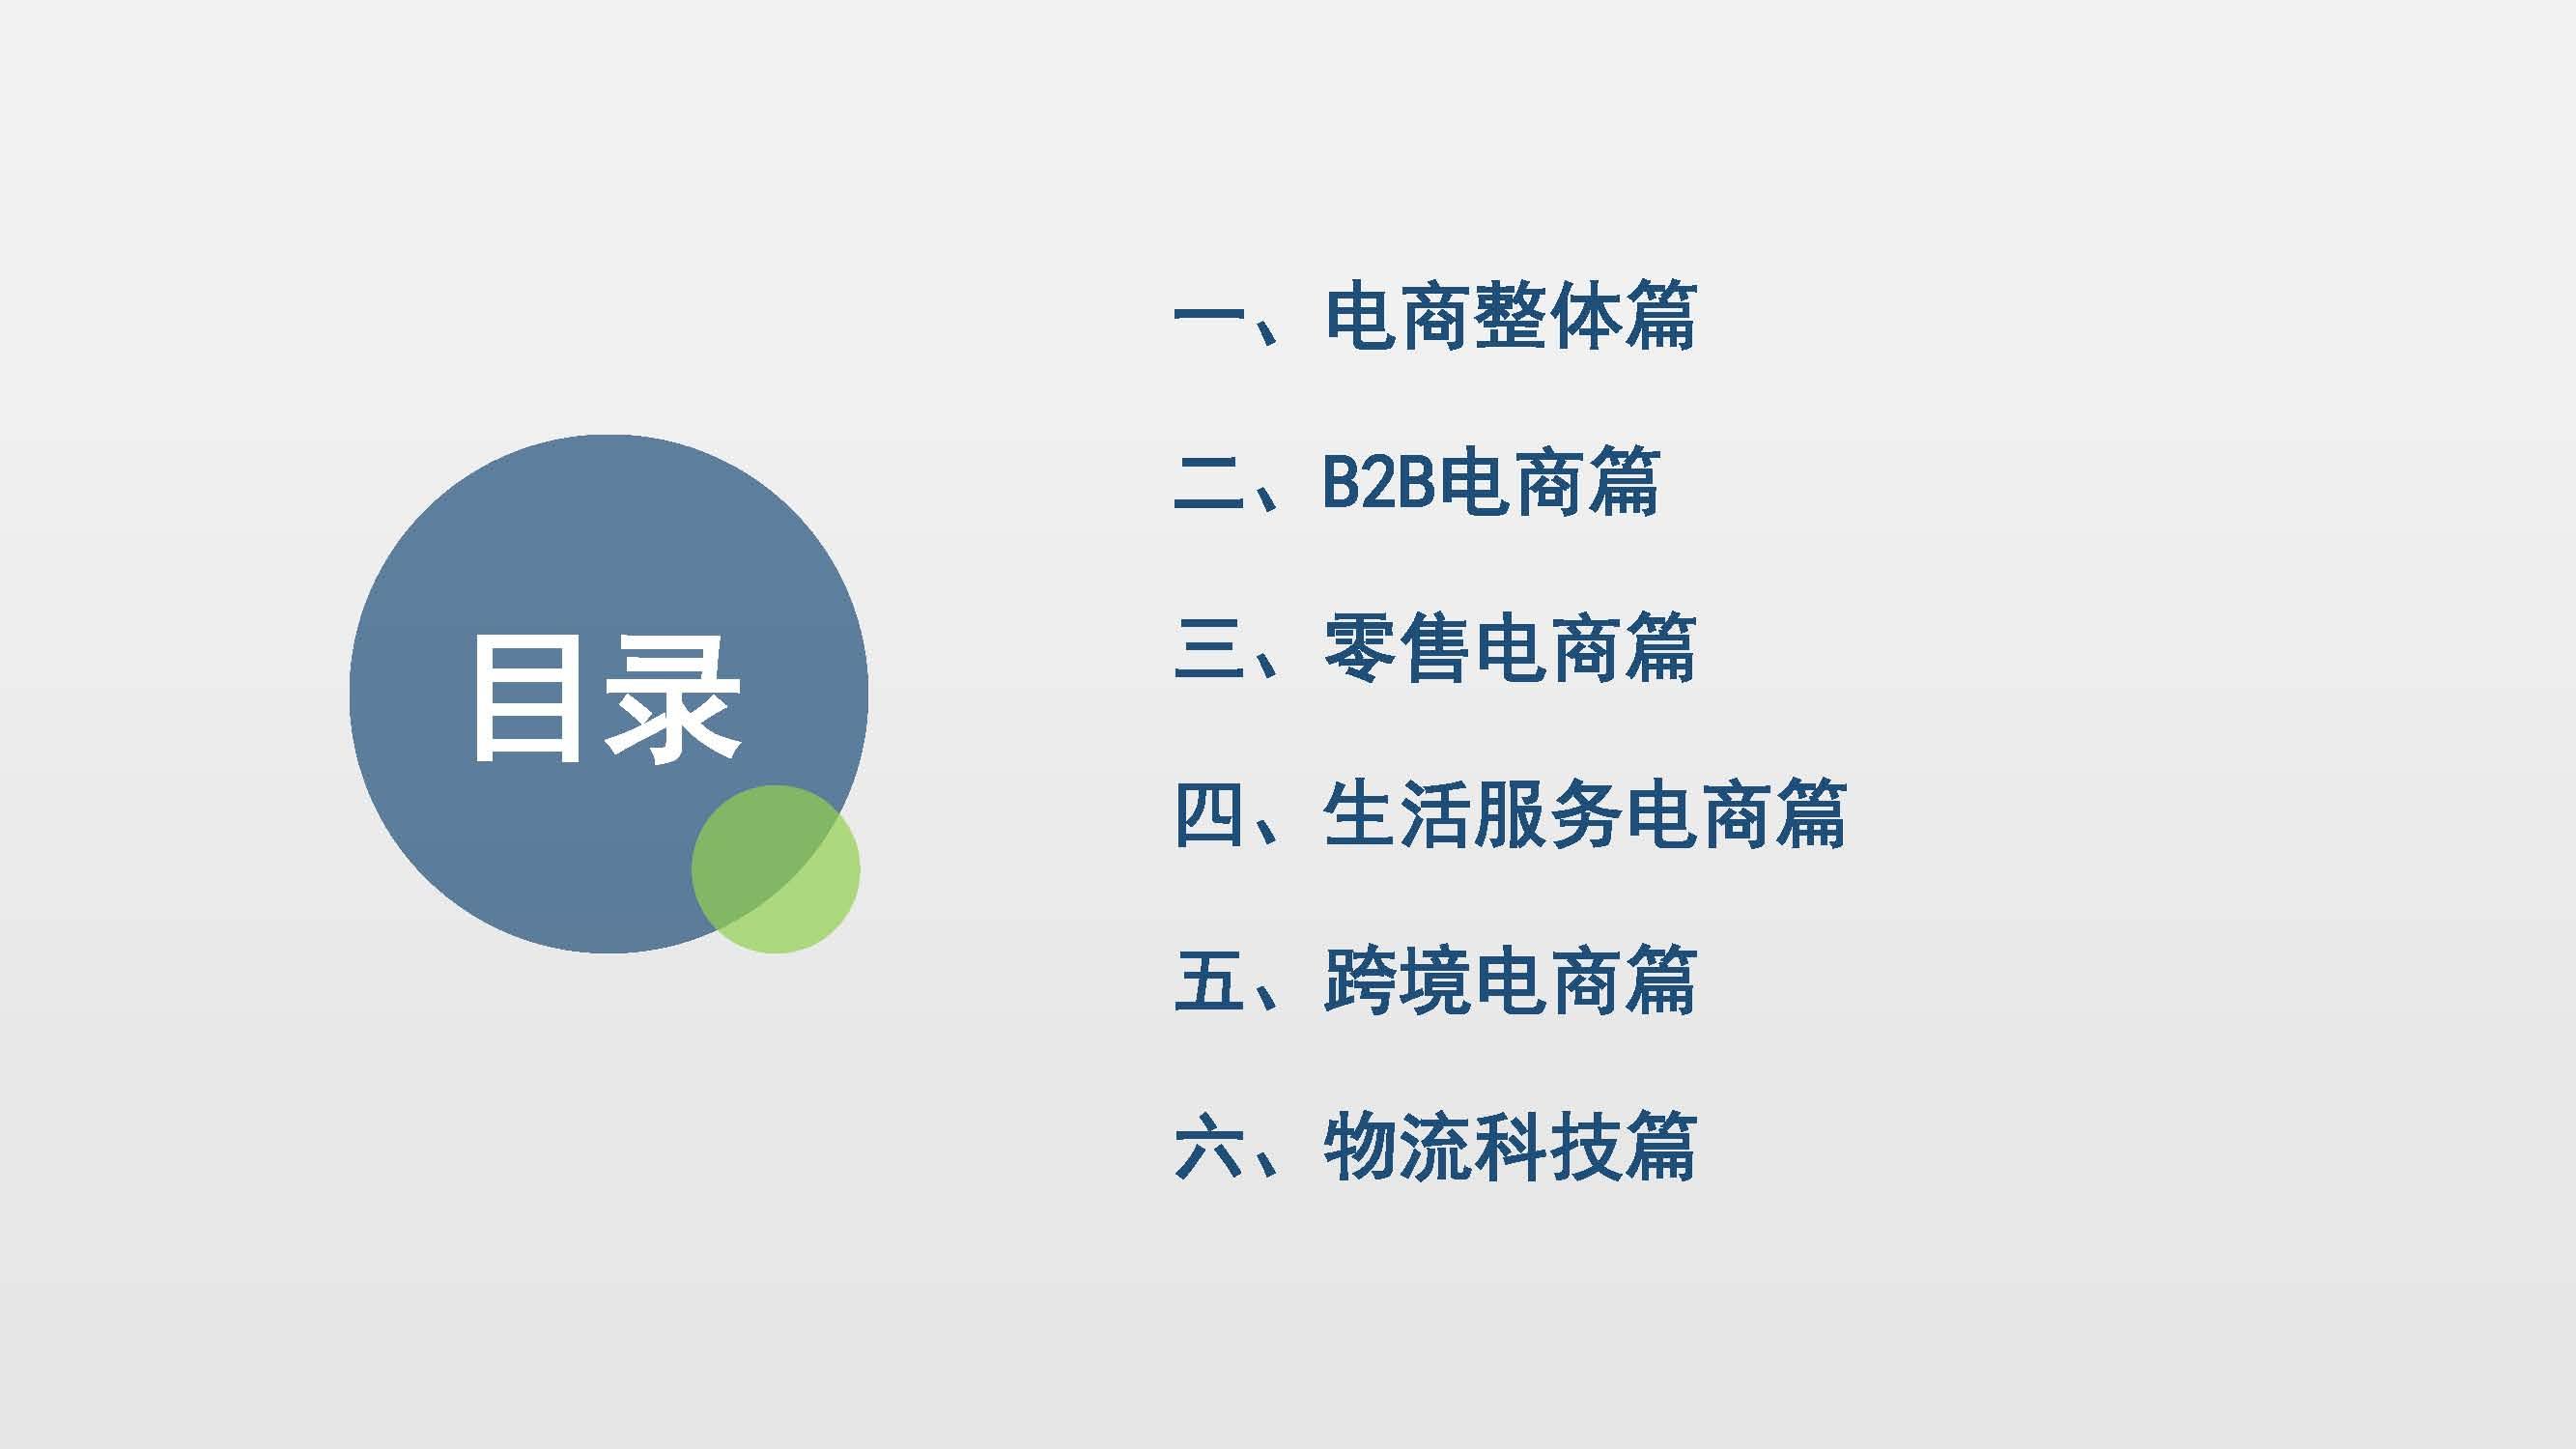 2019上半年中���子商�胀度谫Y市�����O�y�蟾妫�20190807)_�面_05.jpg